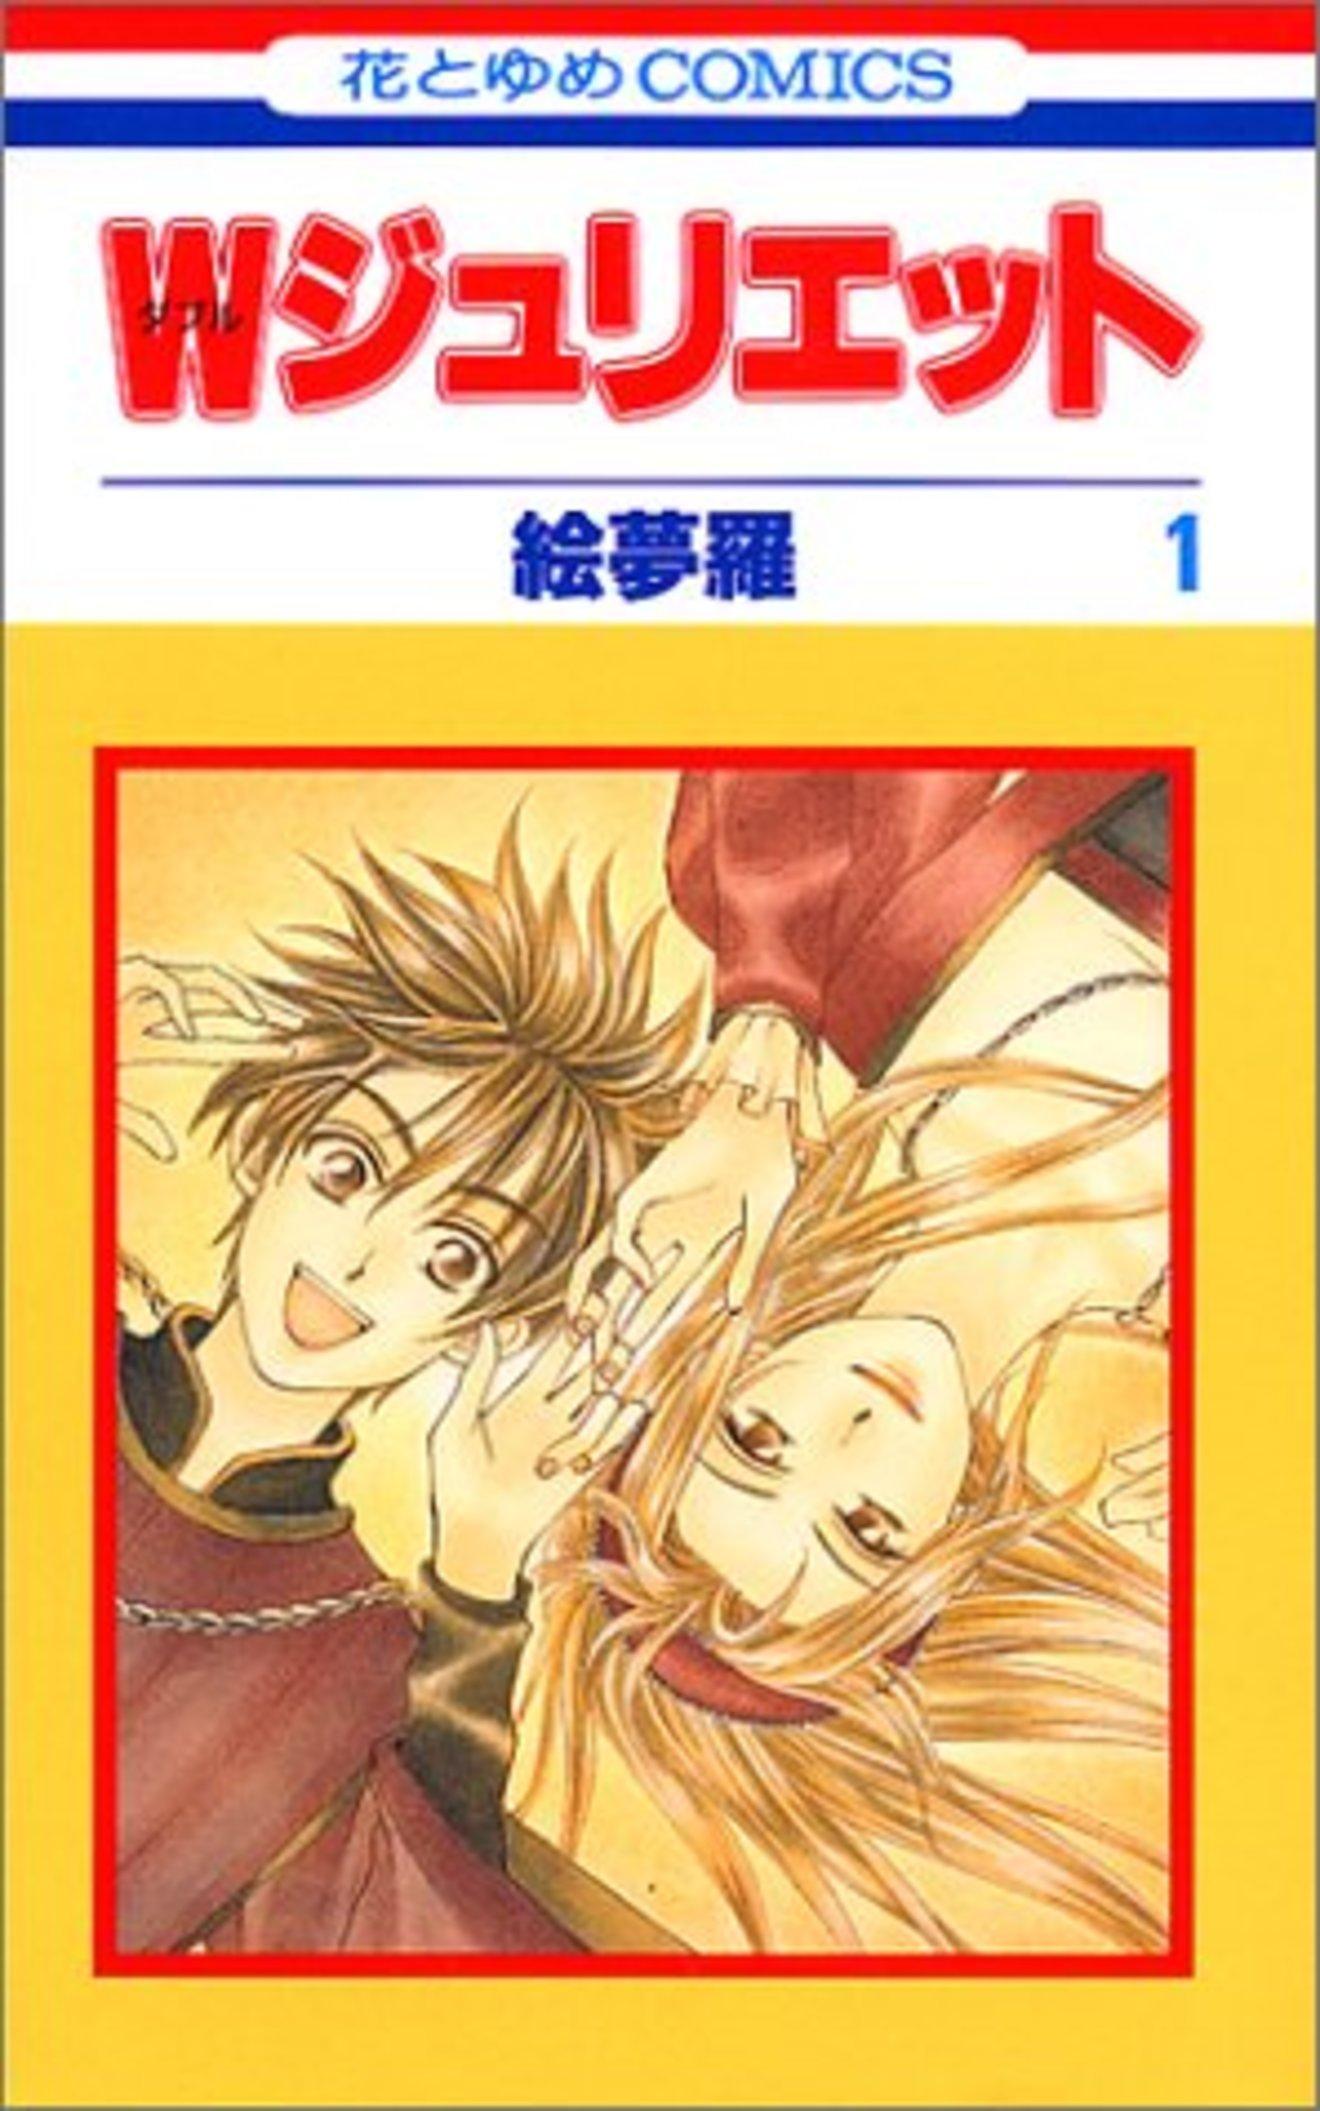 漫画『Wジュリエット』が「Ⅱ」まで無料!8巻まで見どころをネタバレ紹介!